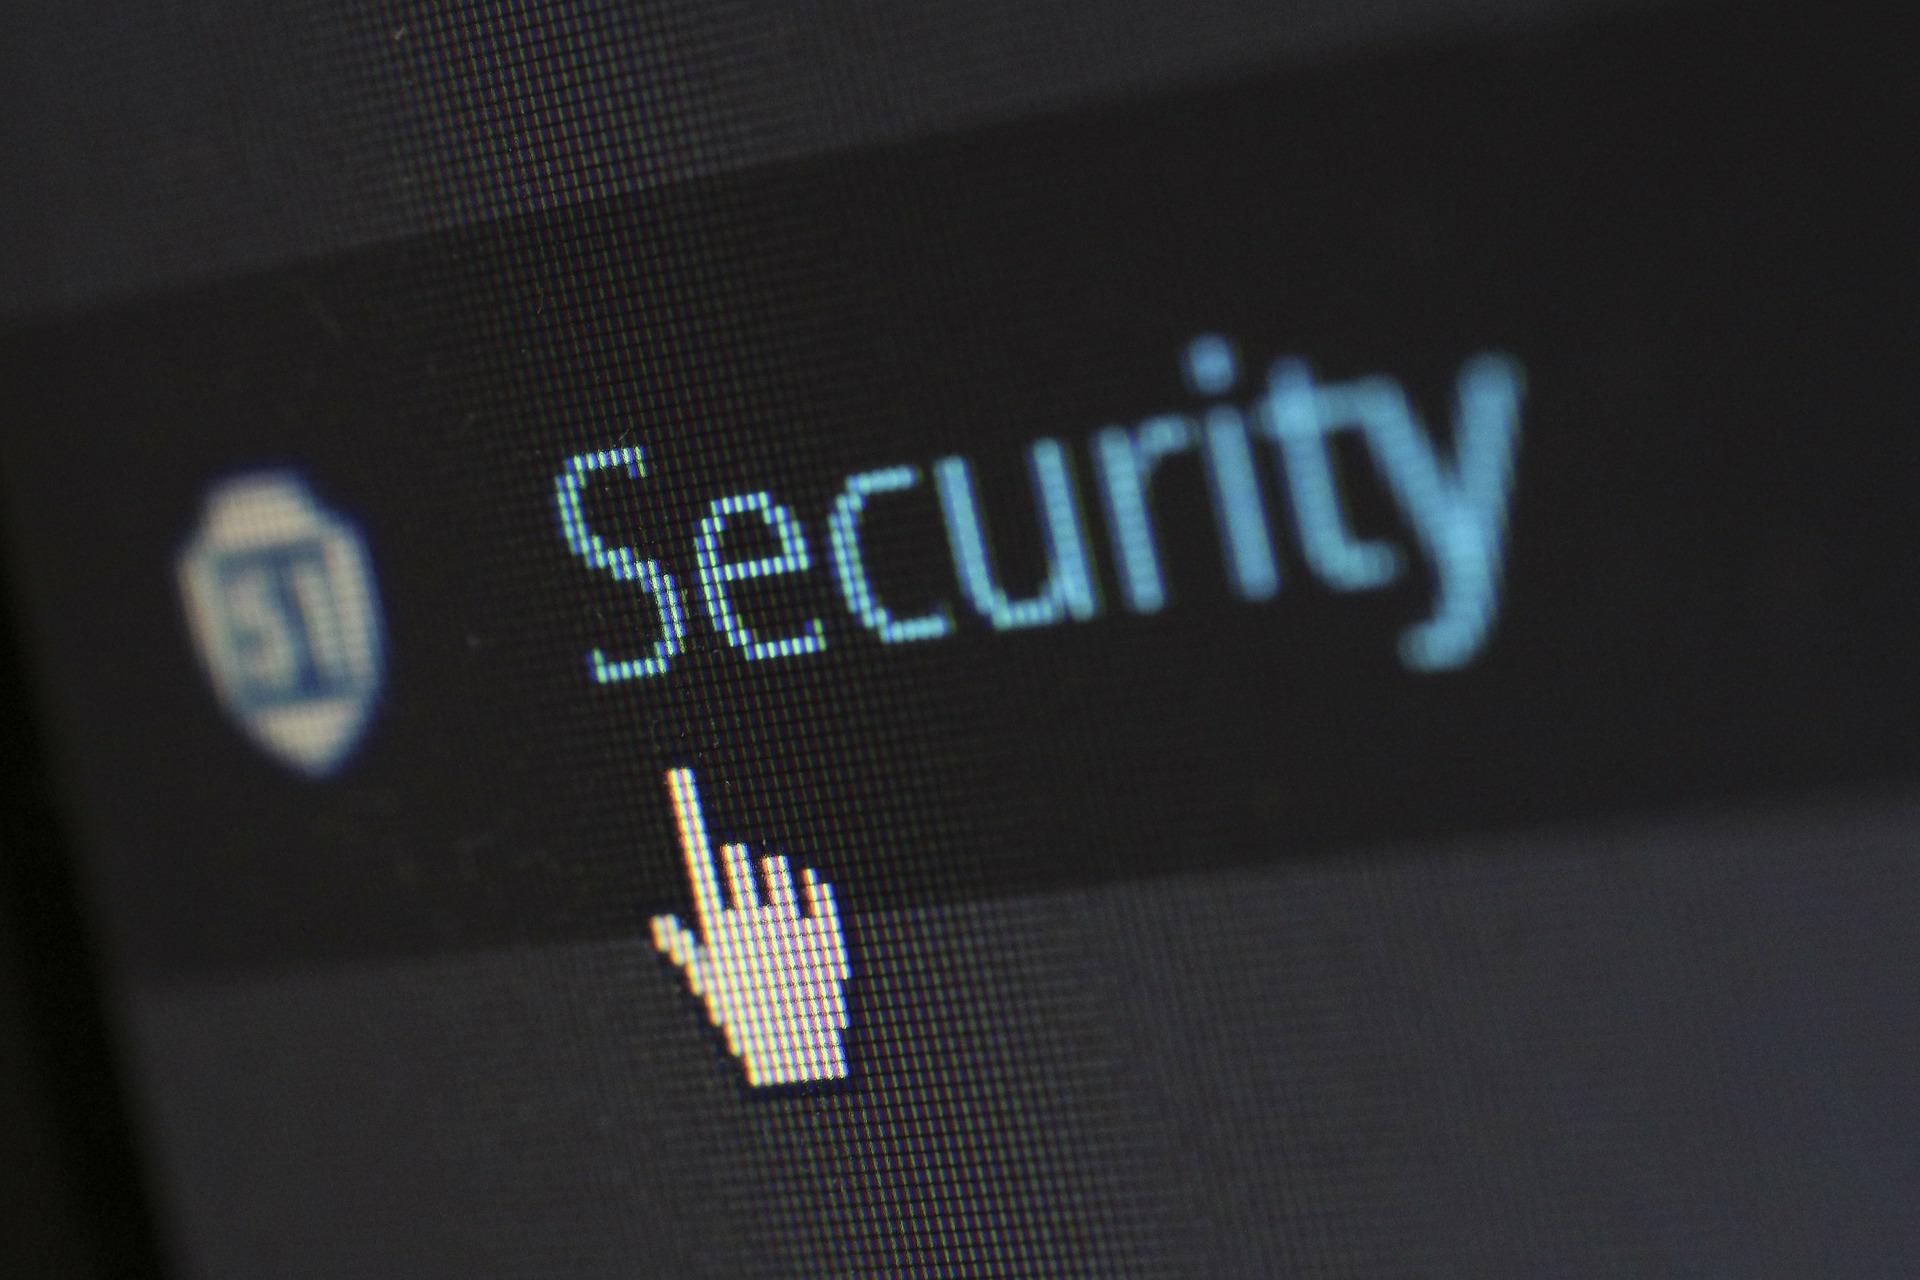 EasyFi Network agrega socios de seguros y seguridad para fortalecer aún más su oferta